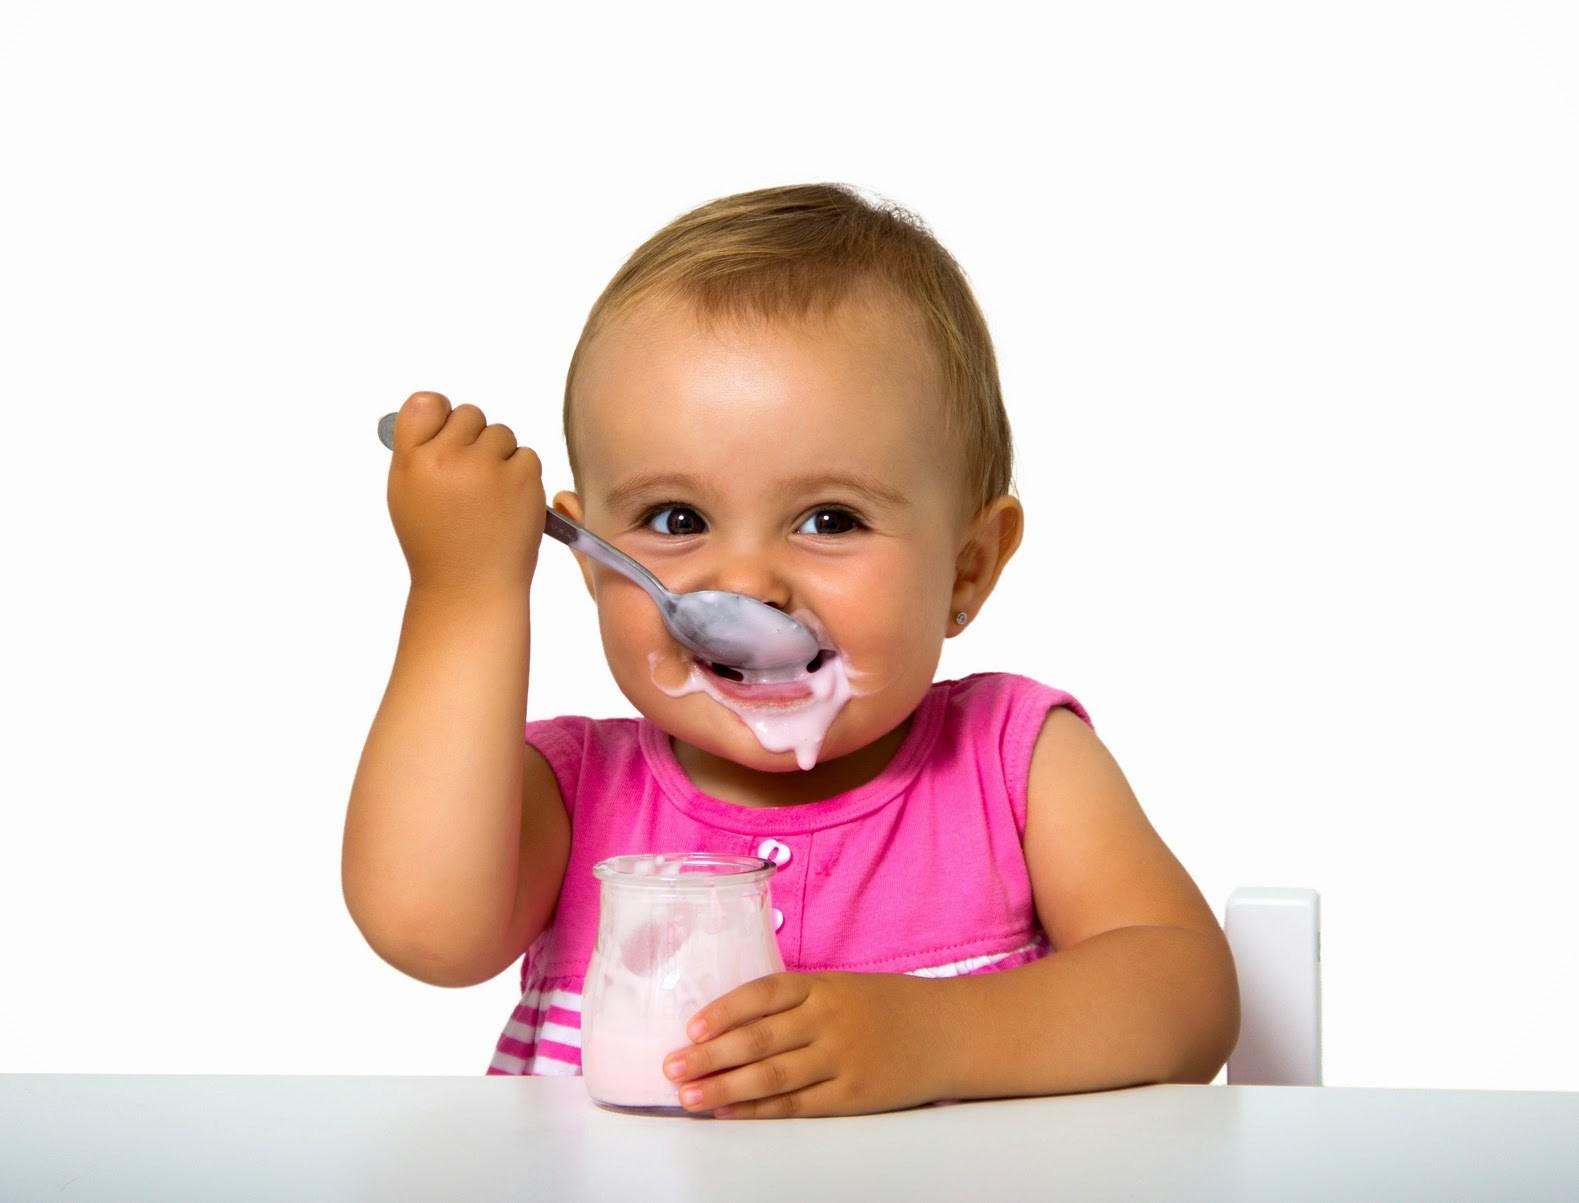 ребенок ест ложкой йогурт из банки